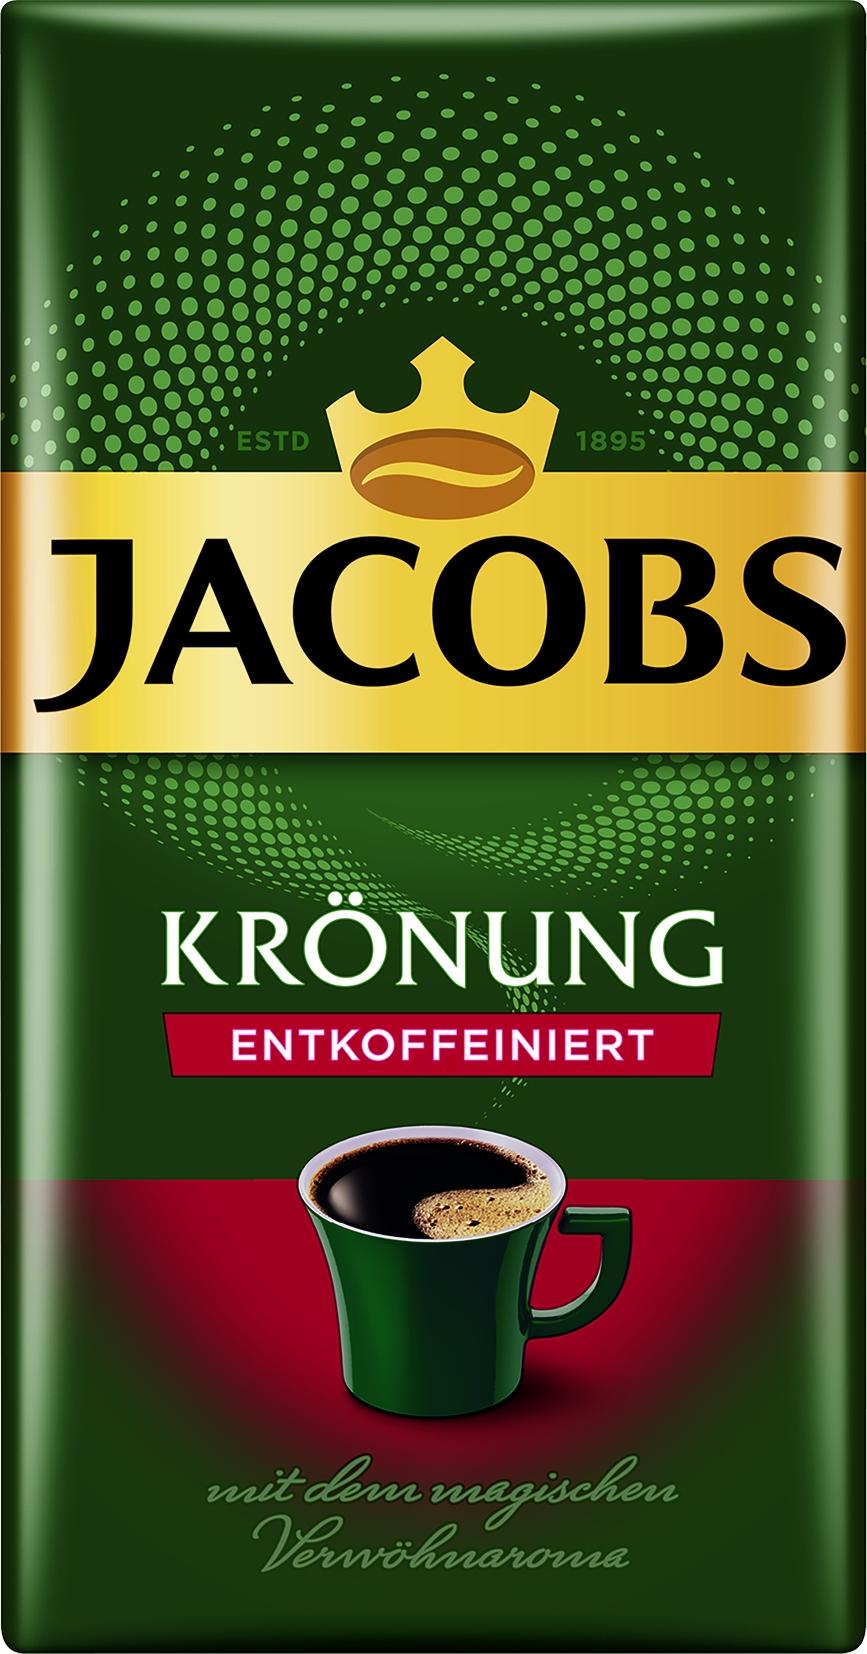 Jacobs Kroenung Kaffee entkoffeiniert